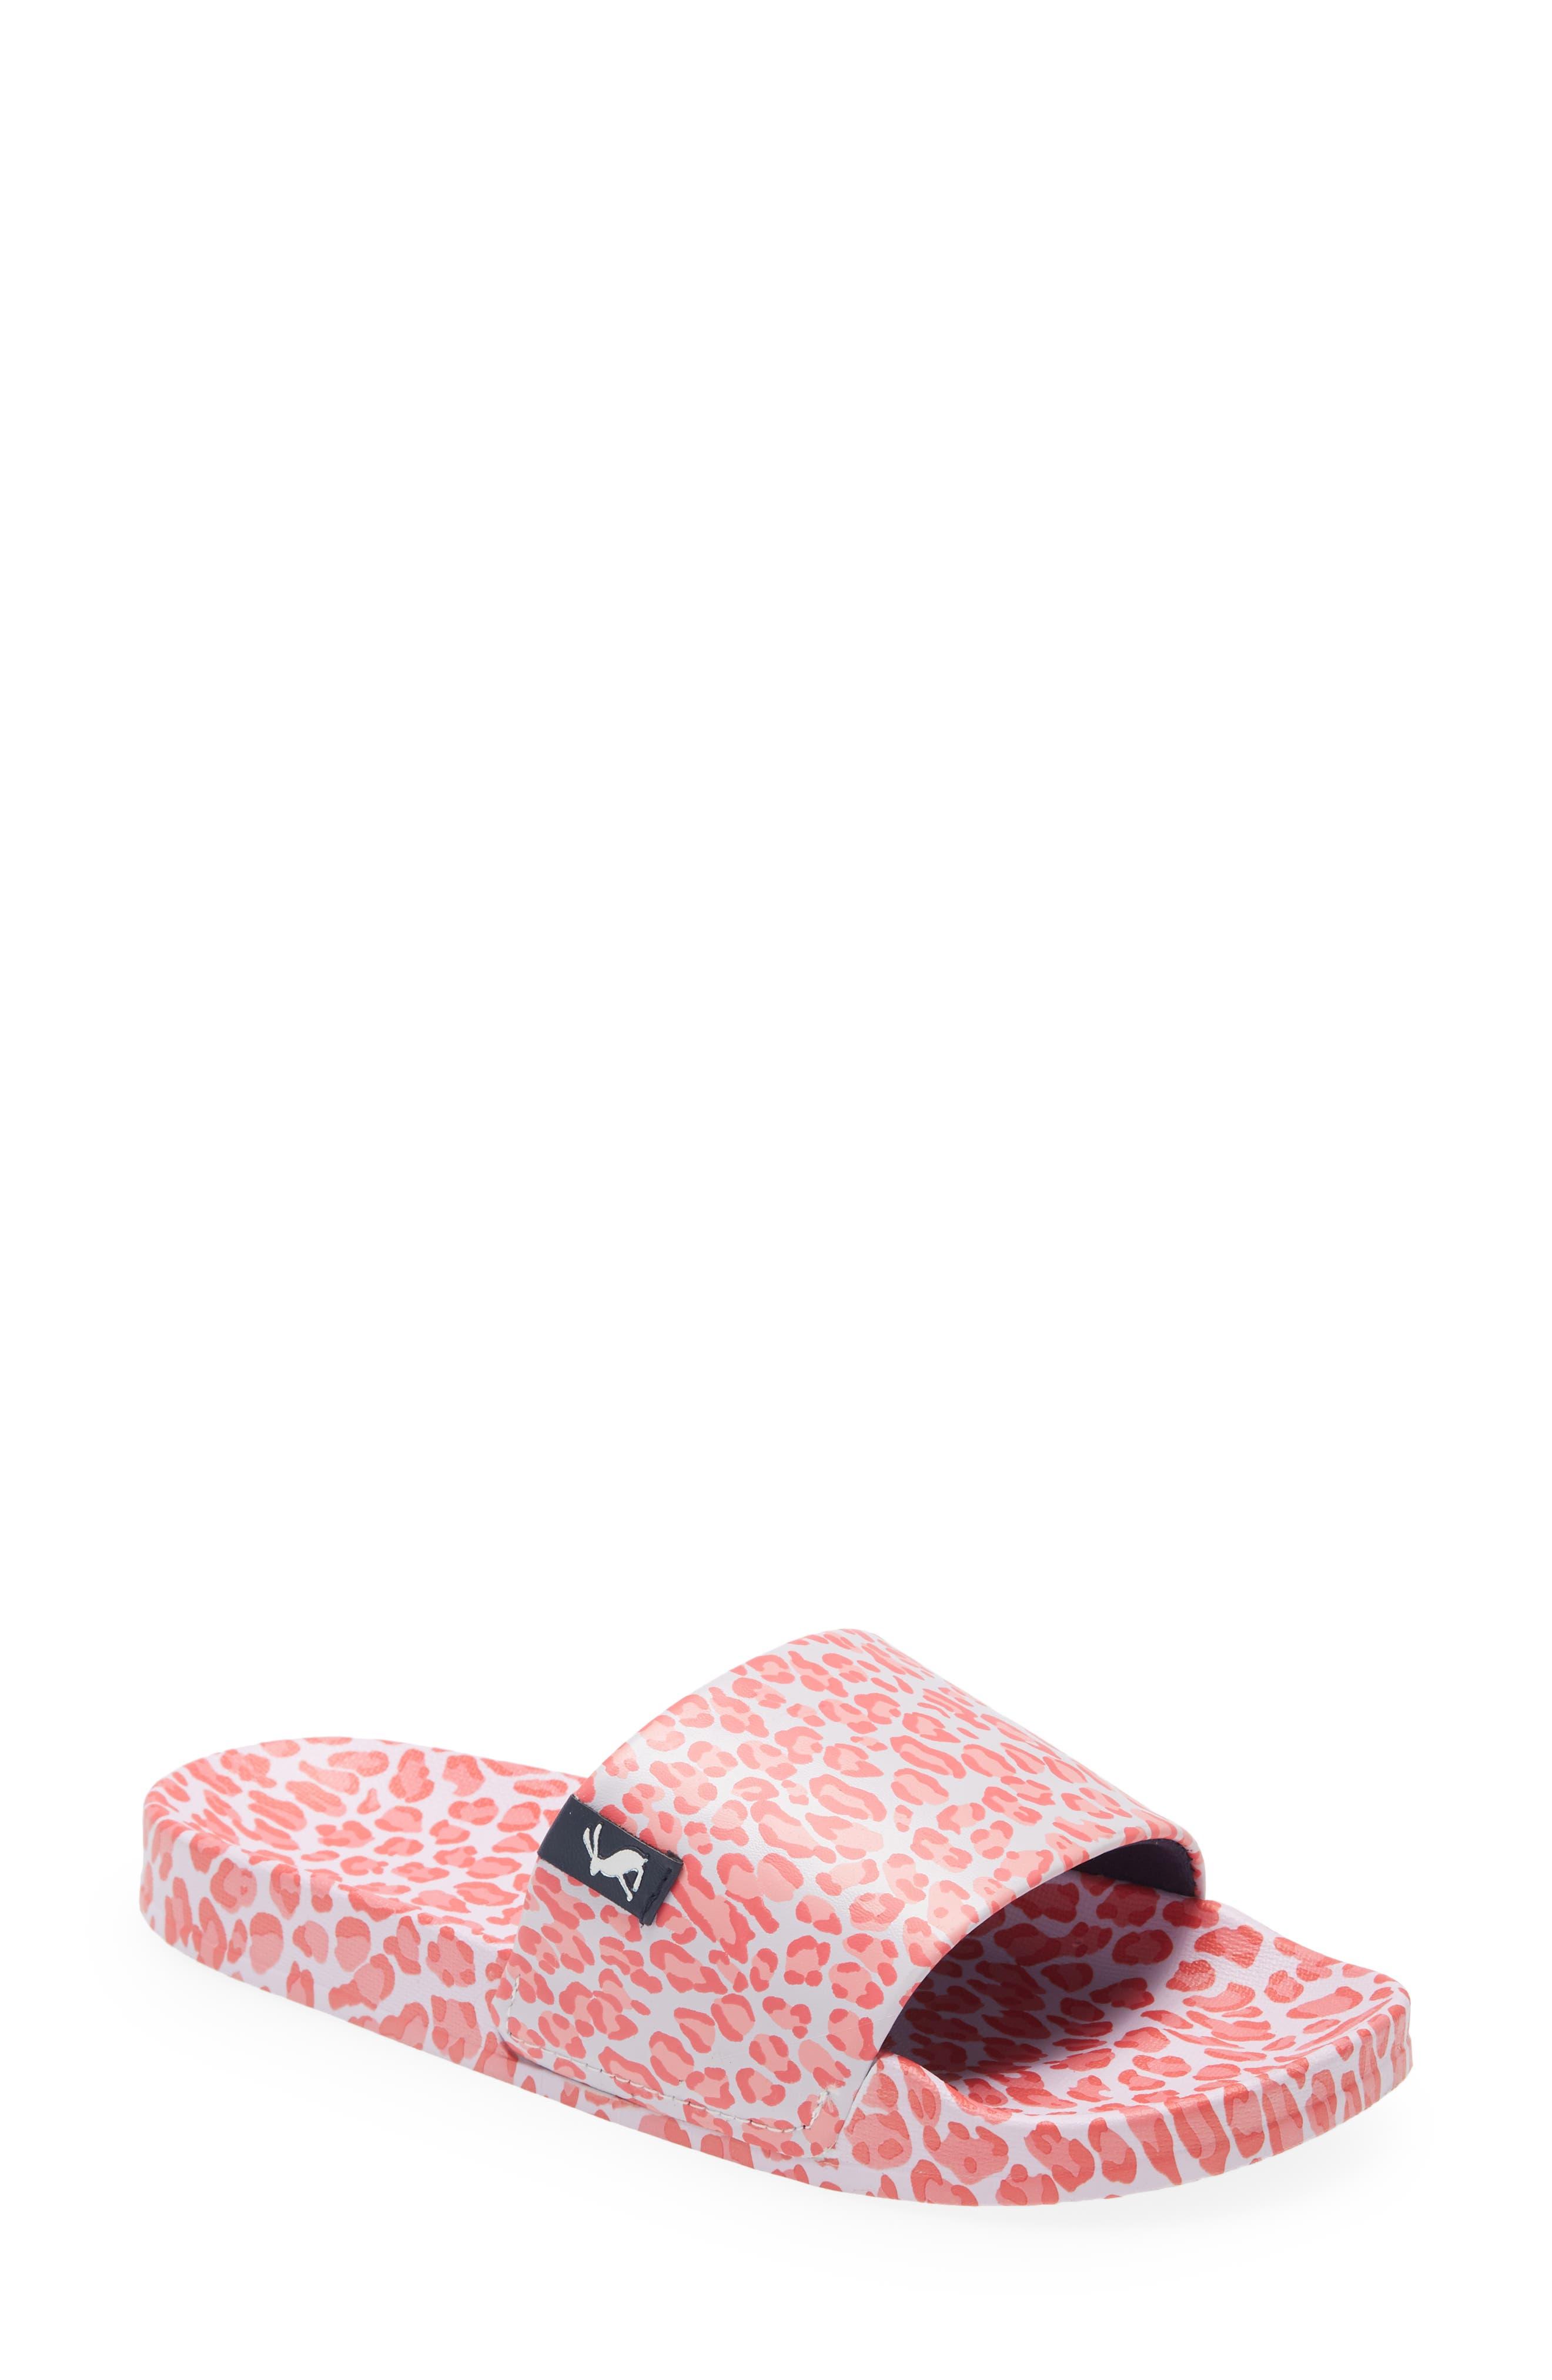 Poolside Slide Sandal